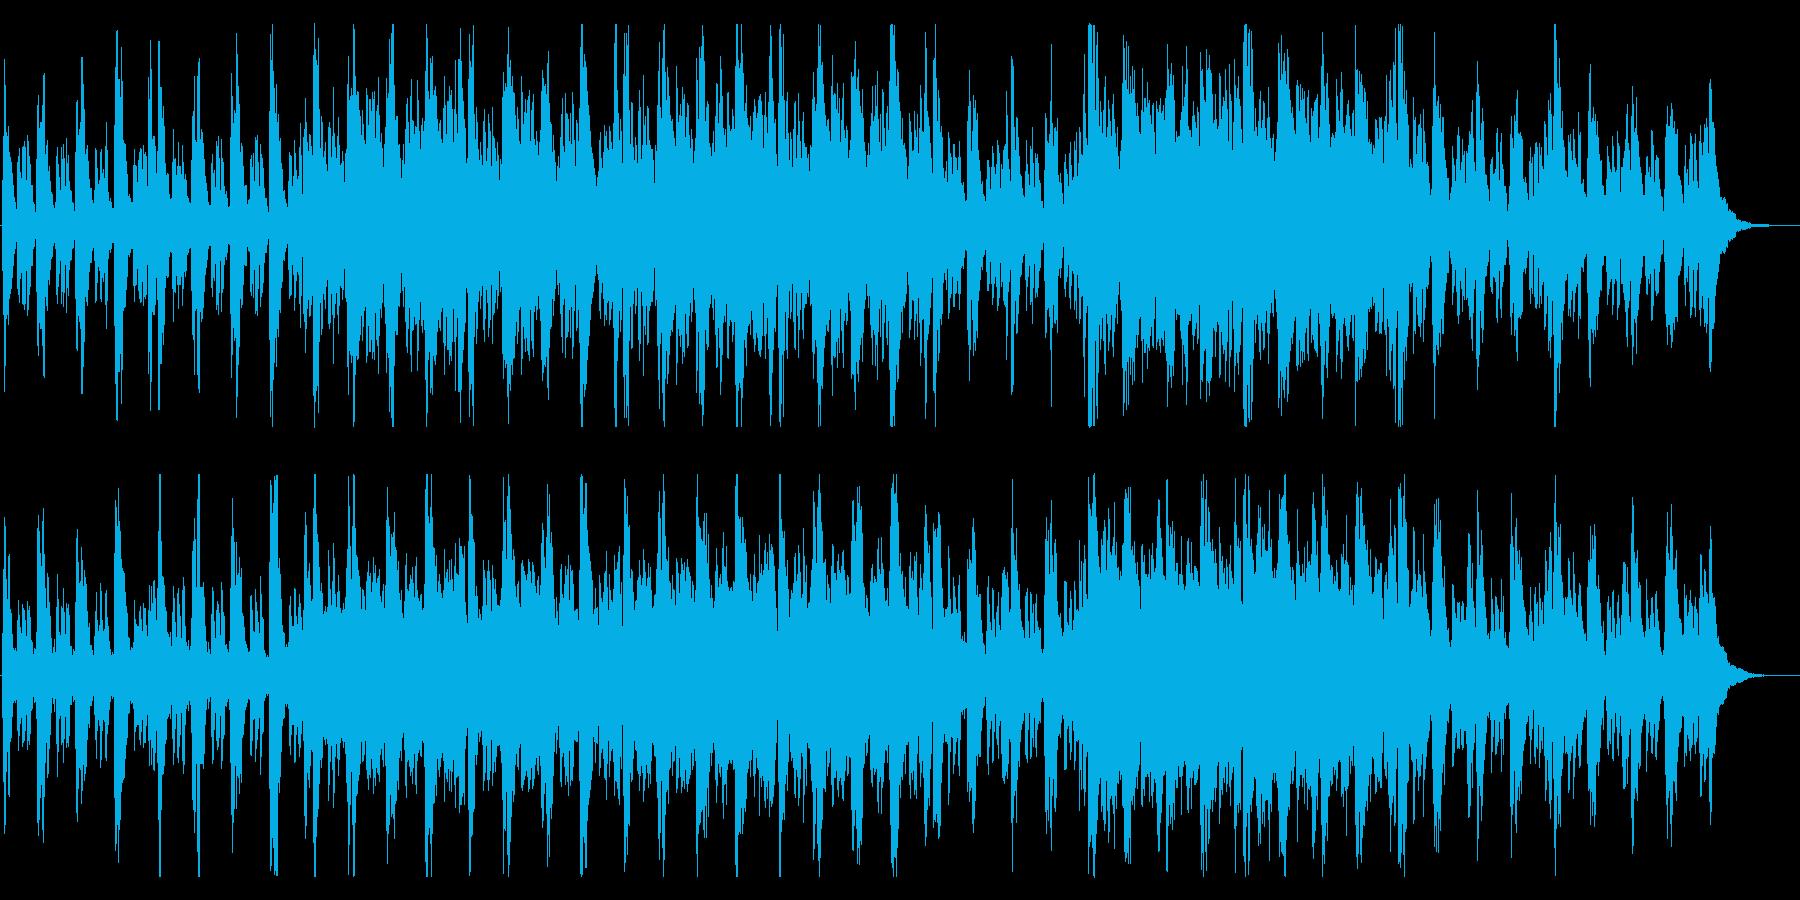 新生活・冒険の始まり・サントラ風BGMの再生済みの波形